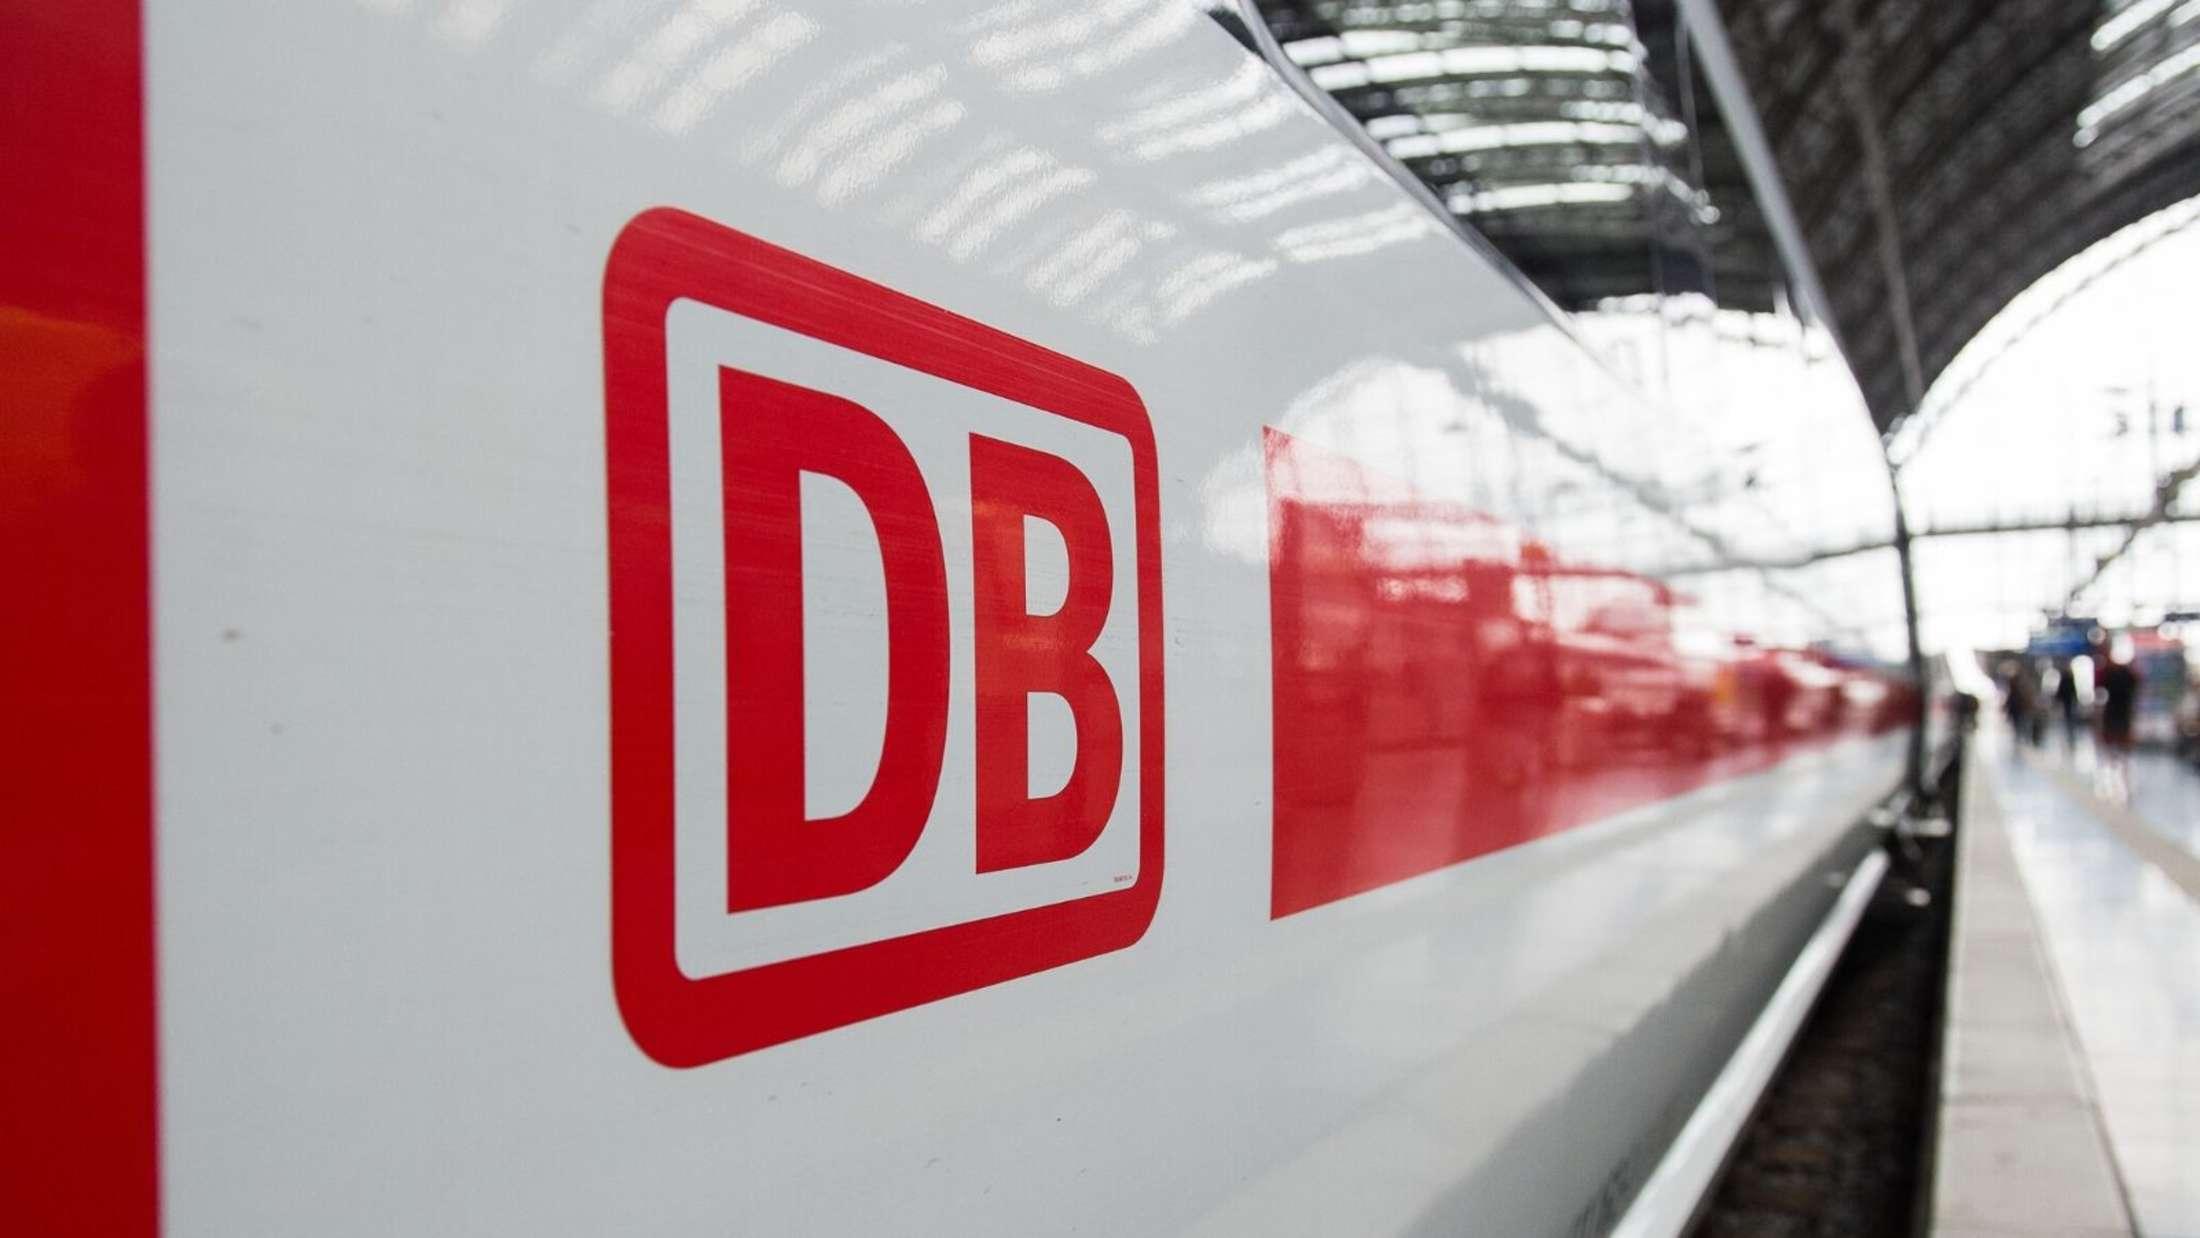 Polizei Leverkusen Nachrichten